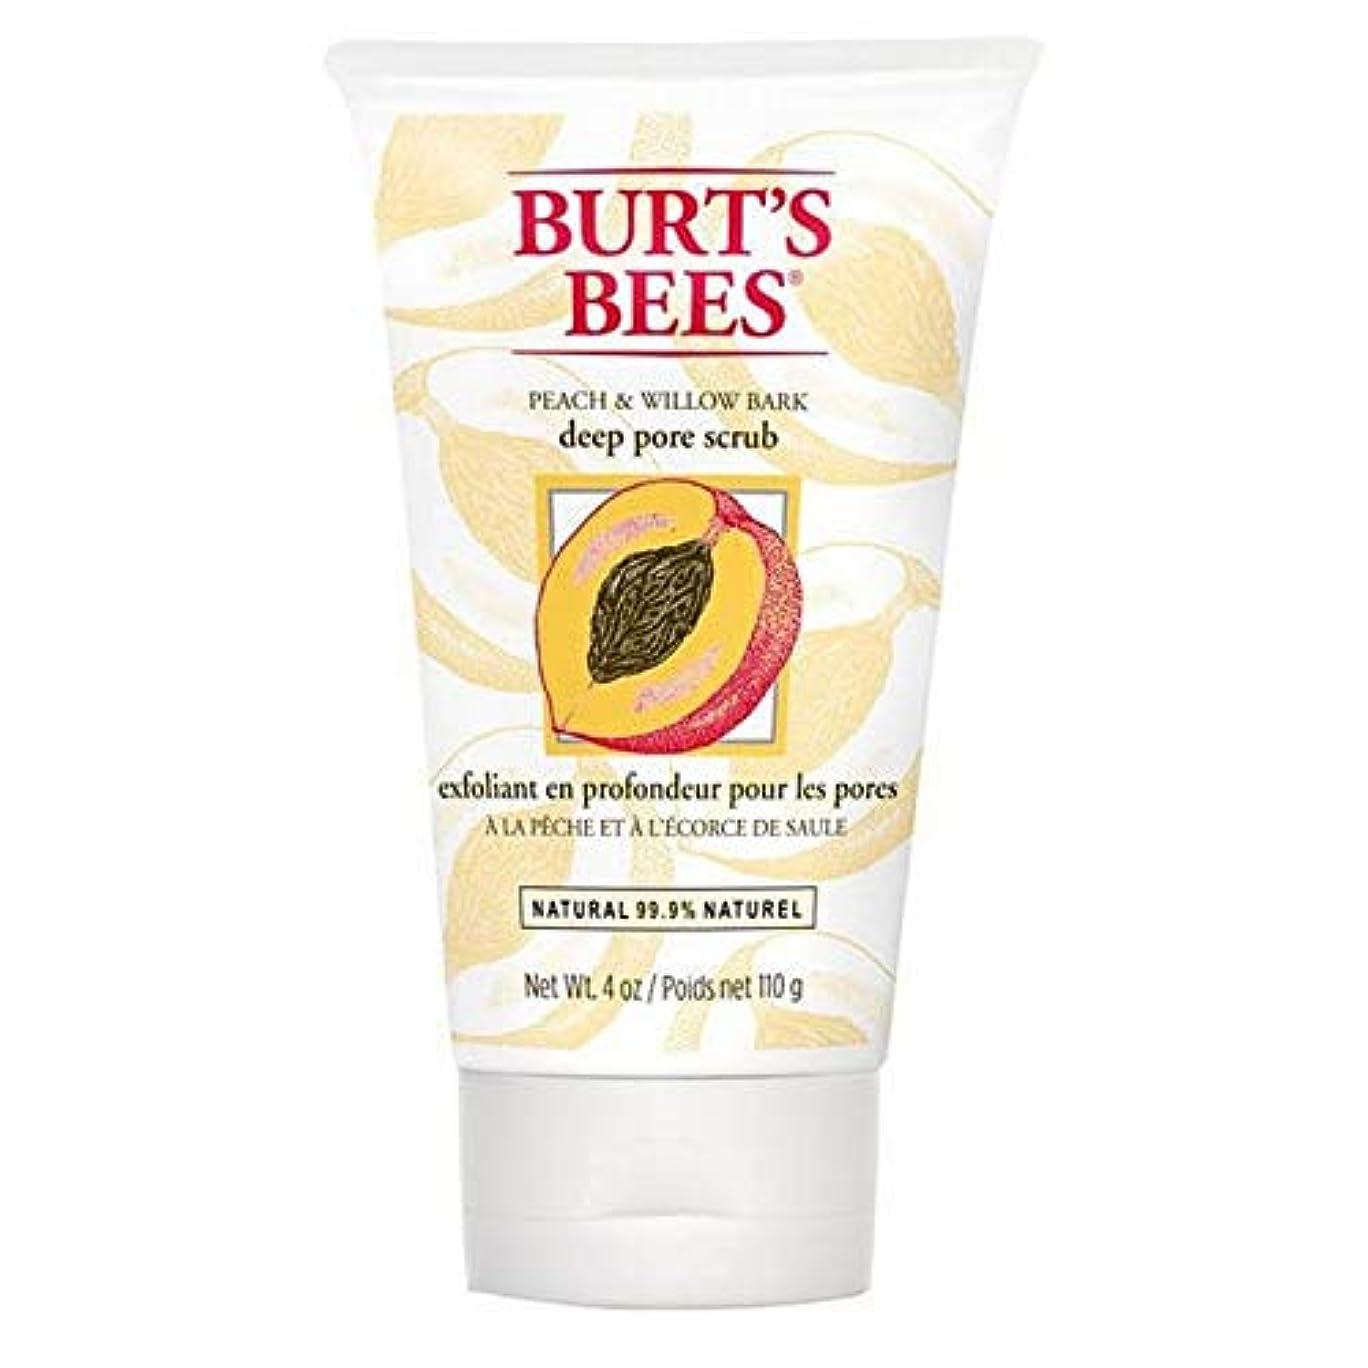 カート妨げる検索エンジン最適化[Burt's Bees] バーツビーの桃とWillowbark深いポアスクラブ110グラム - Burt's Bees Peach and Willowbark Deep Pore Scrub 110g [並行輸入品]